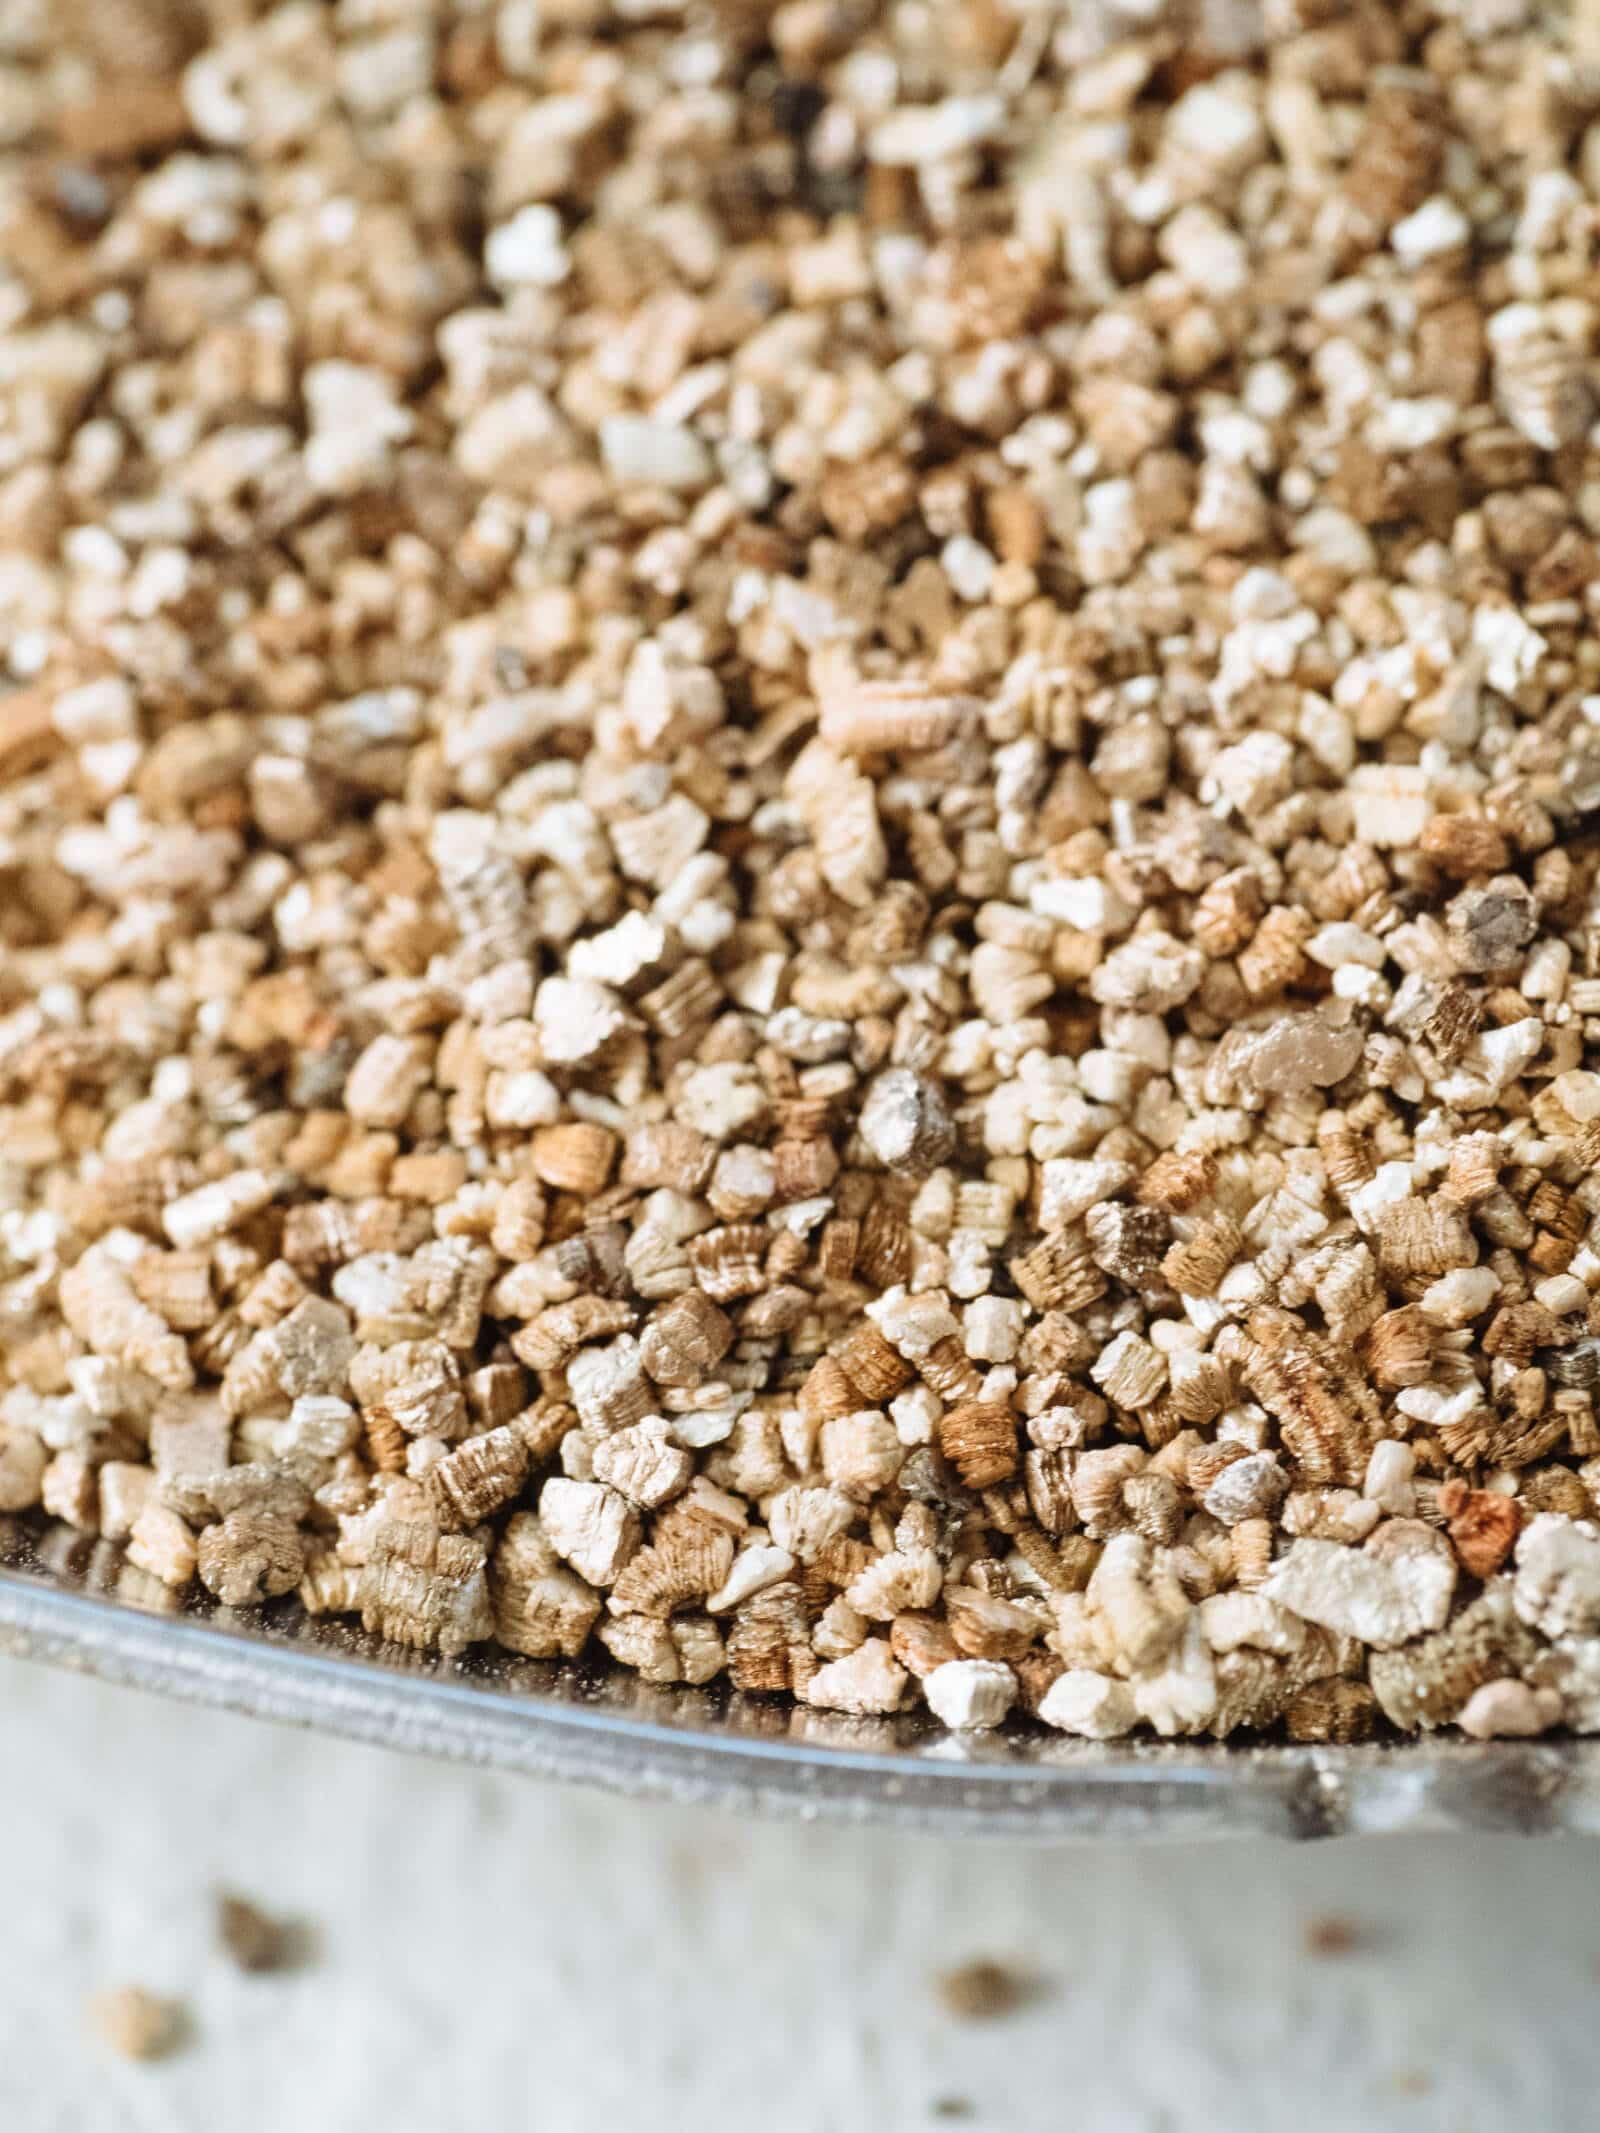 Fine granules of vermiculite